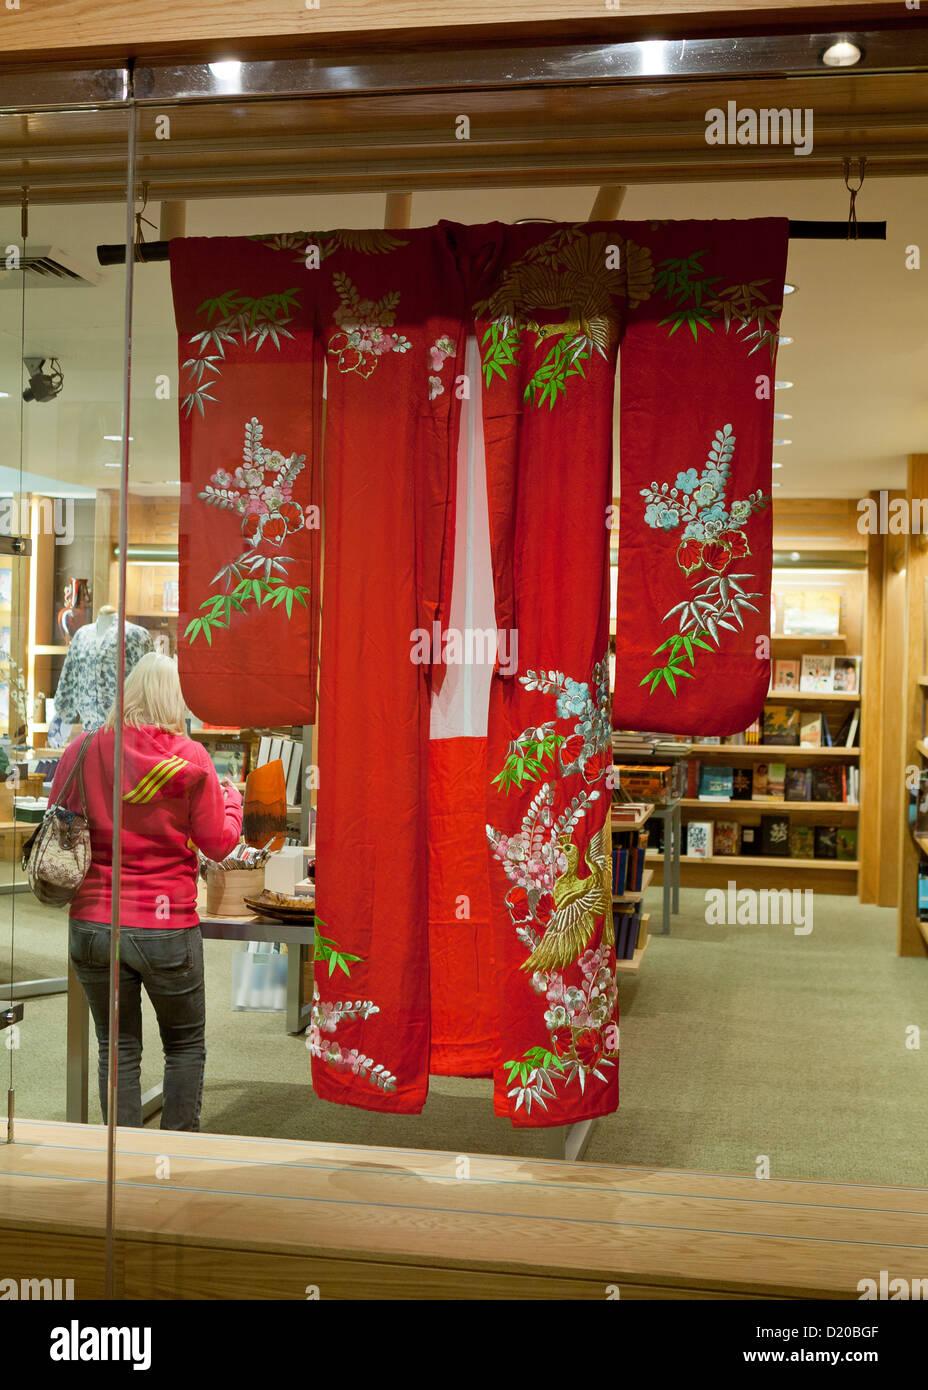 Kimono on sales display - Stock Image